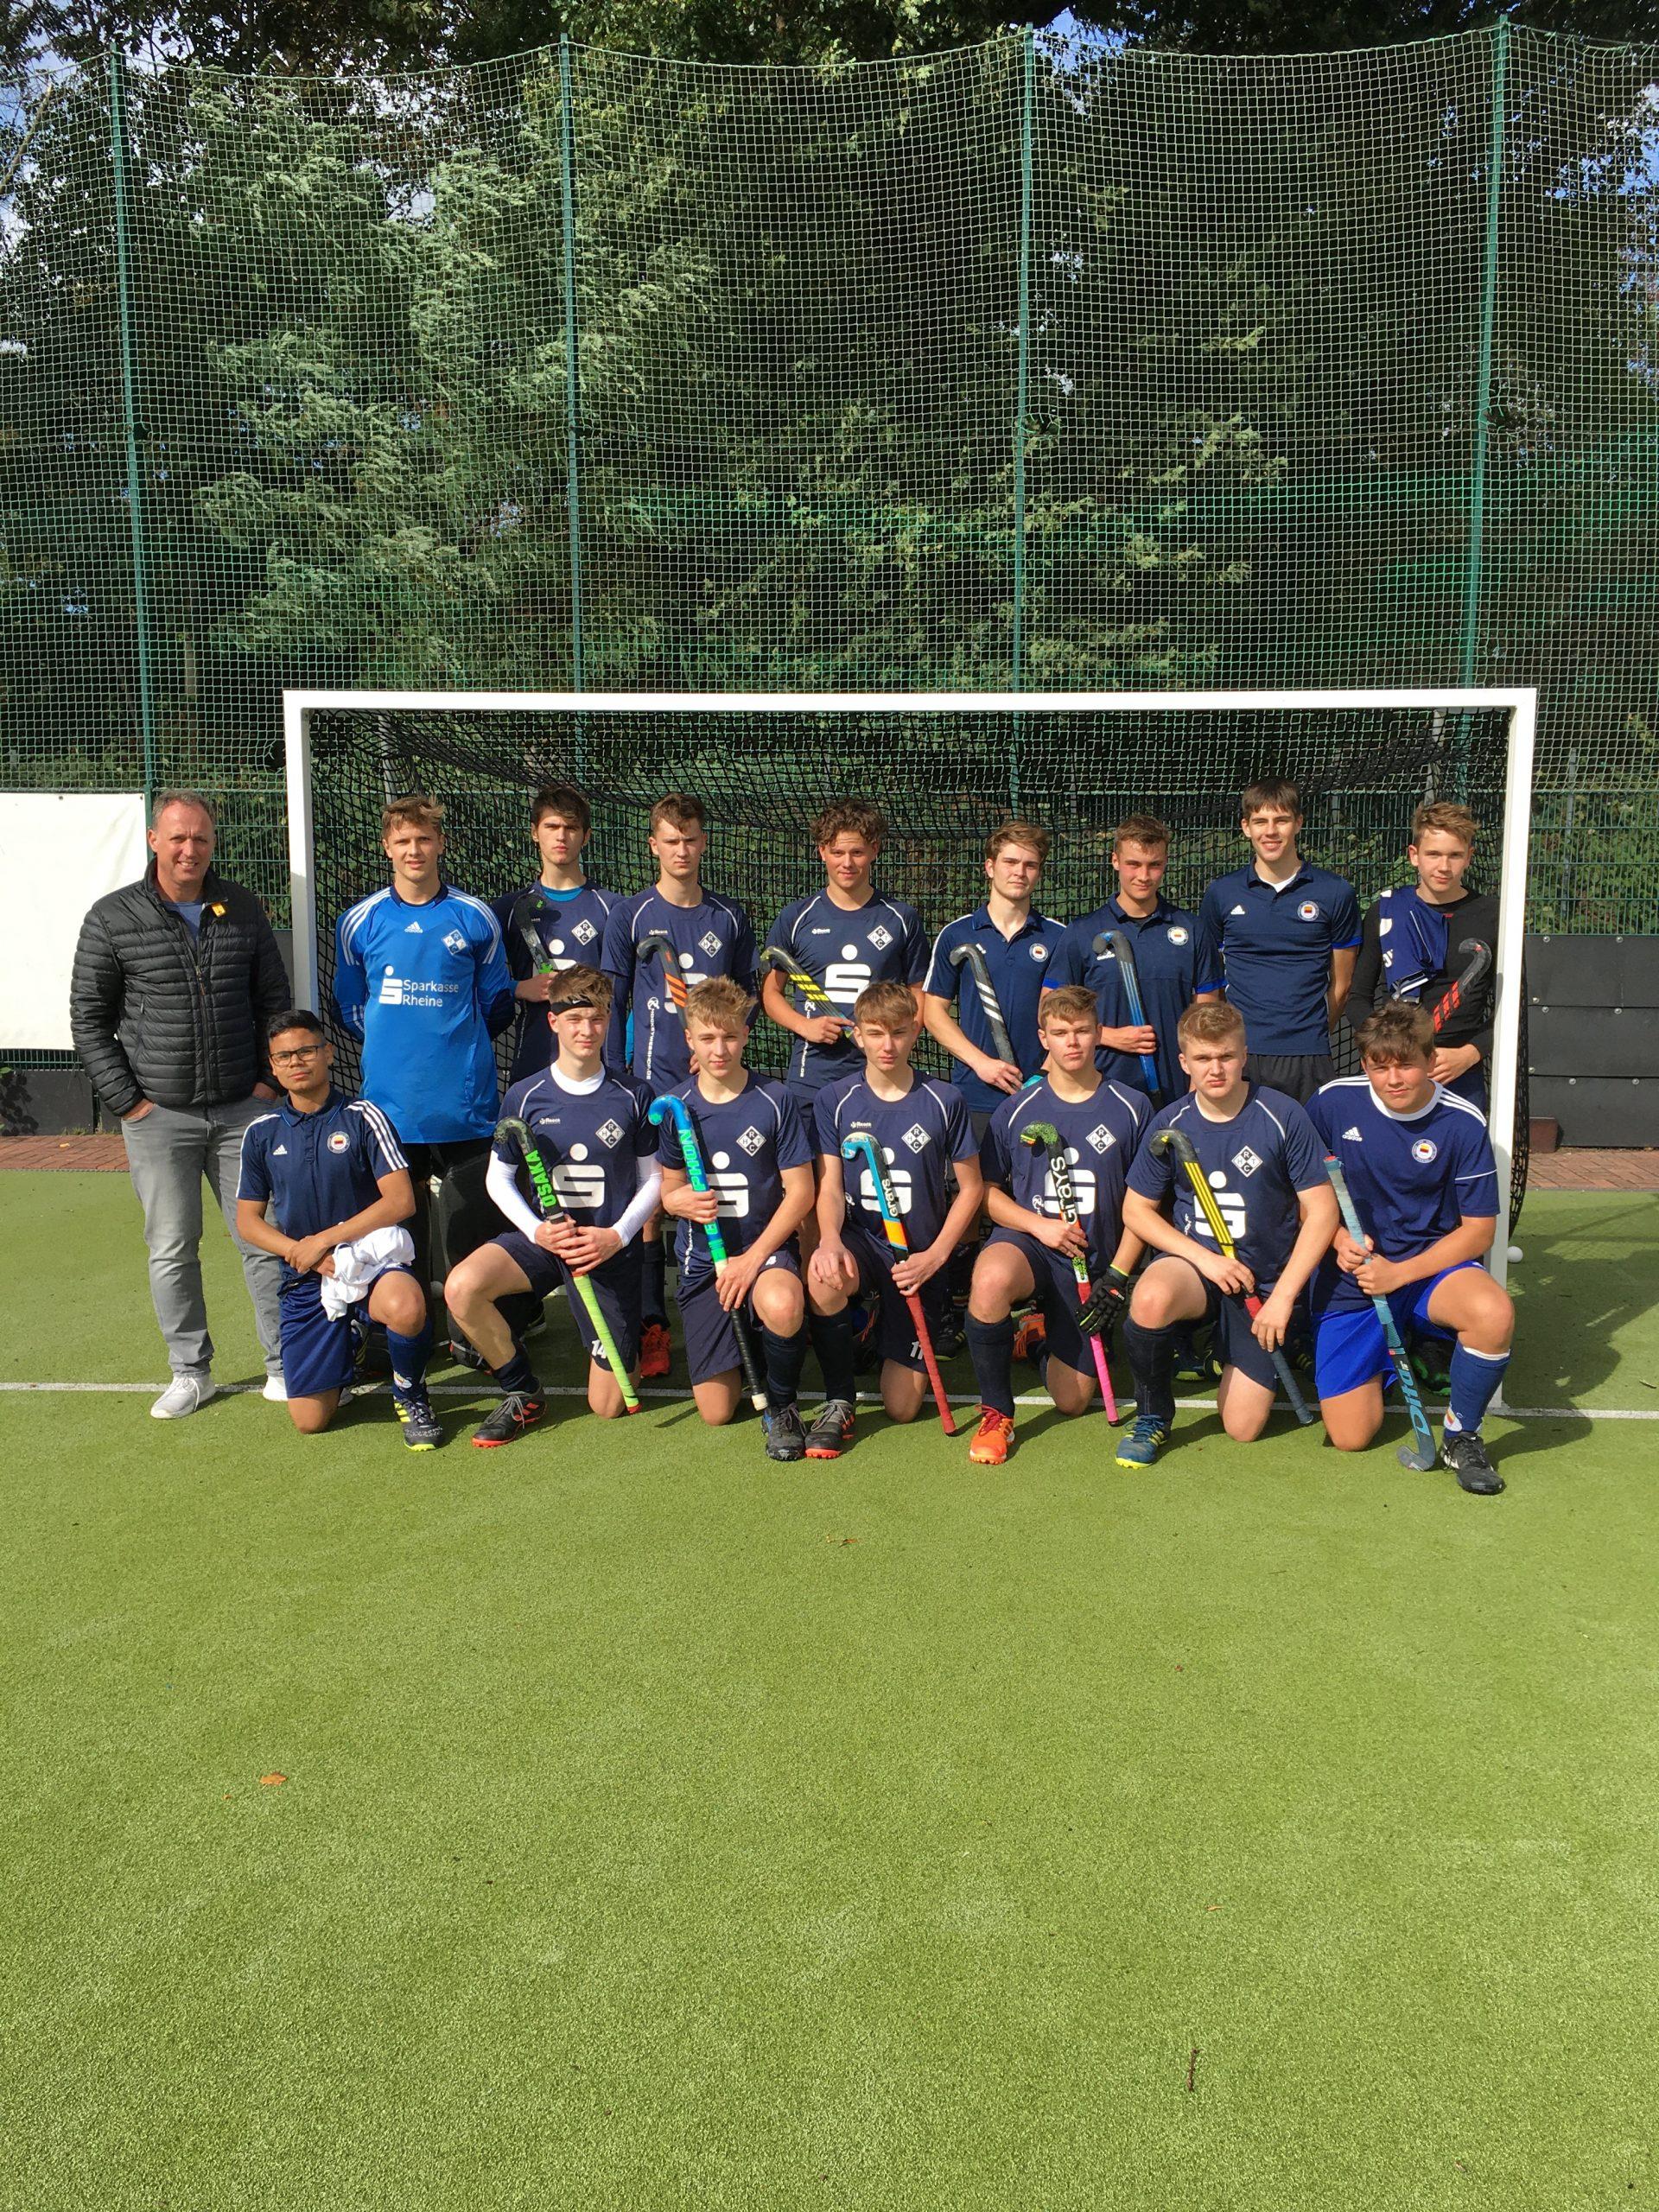 Spielgemeinschaft RHTC Rheine & THC Münster wird Westdeutscher Vizemeister Hockey 2020!